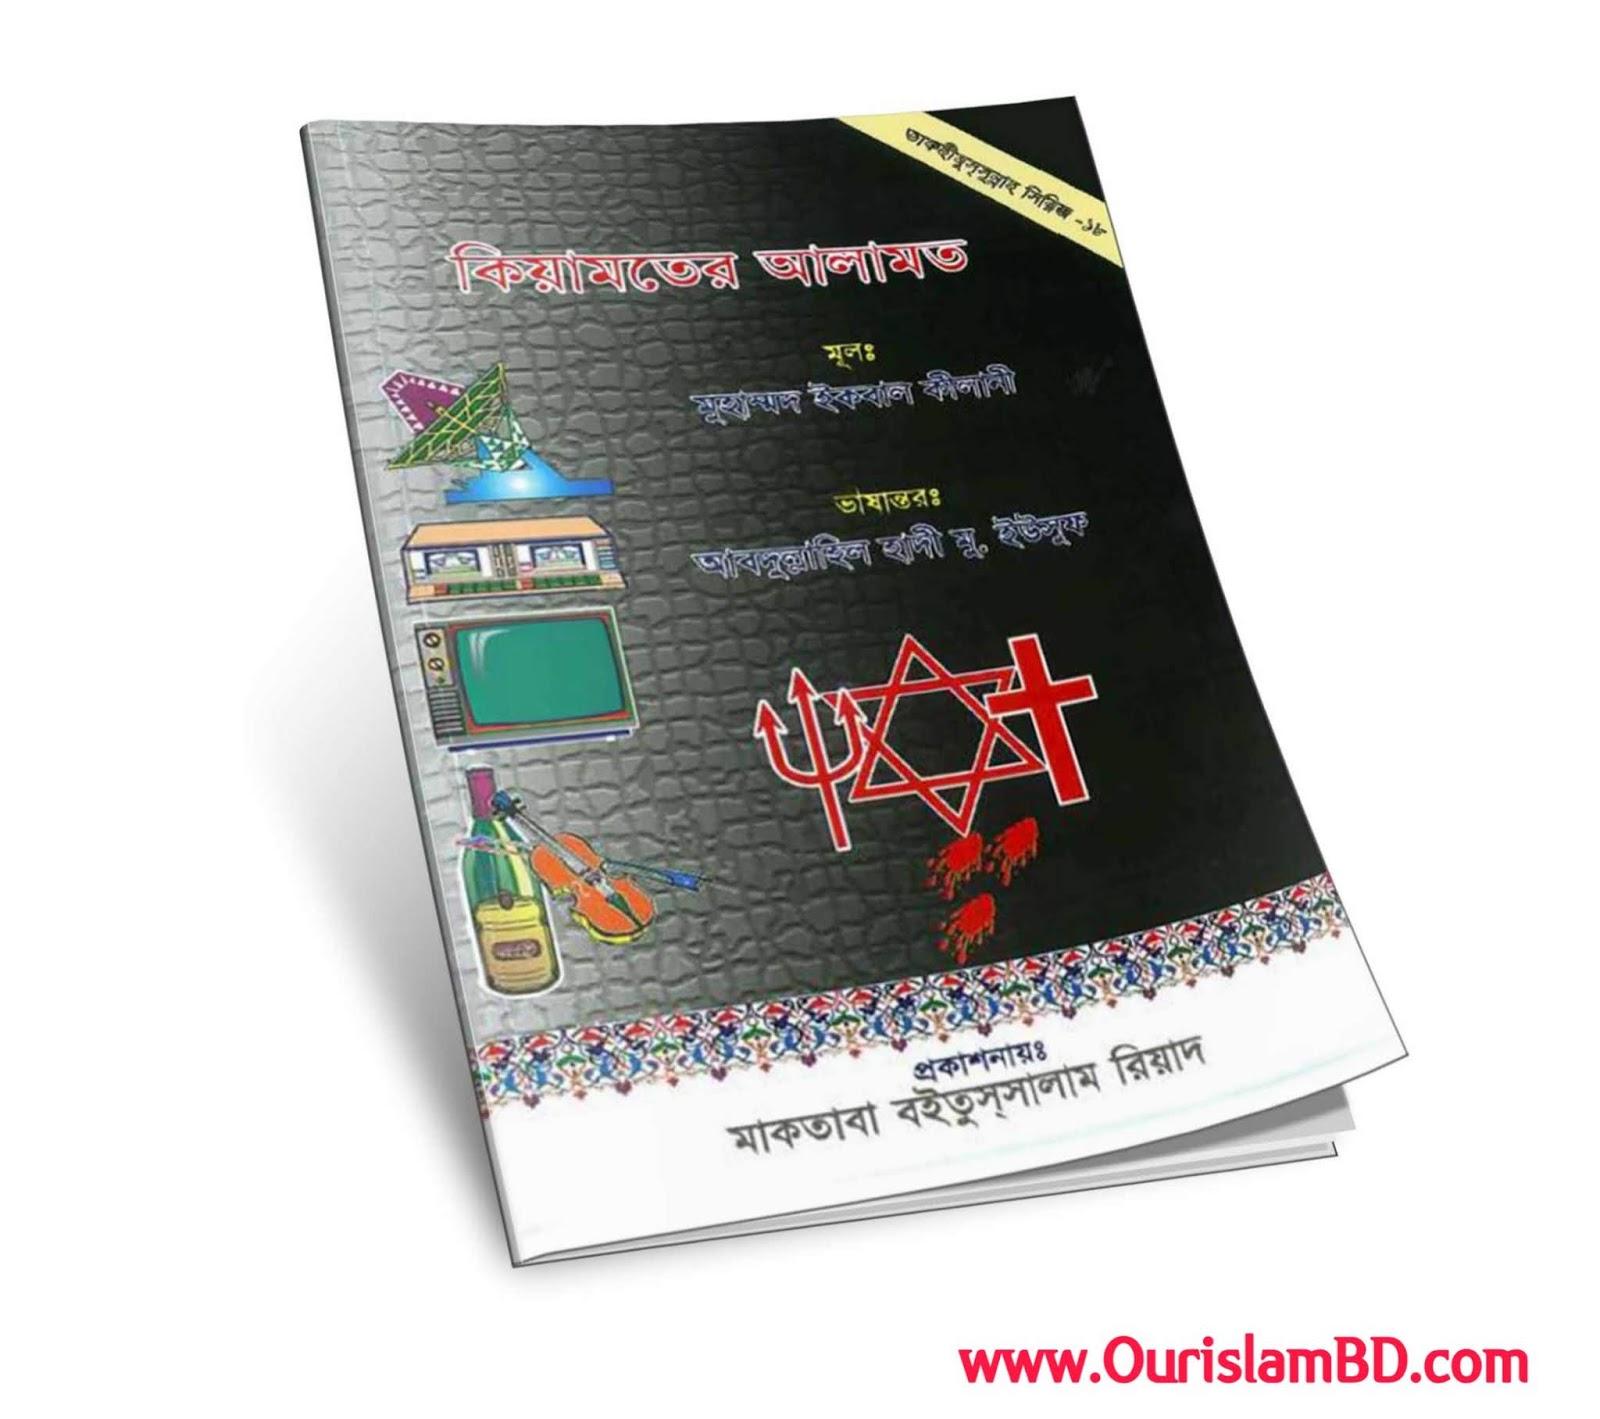 কিয়ামতের আলামত -ফ্রী ডাউনলোড করুনঃ ইসলামিক বই